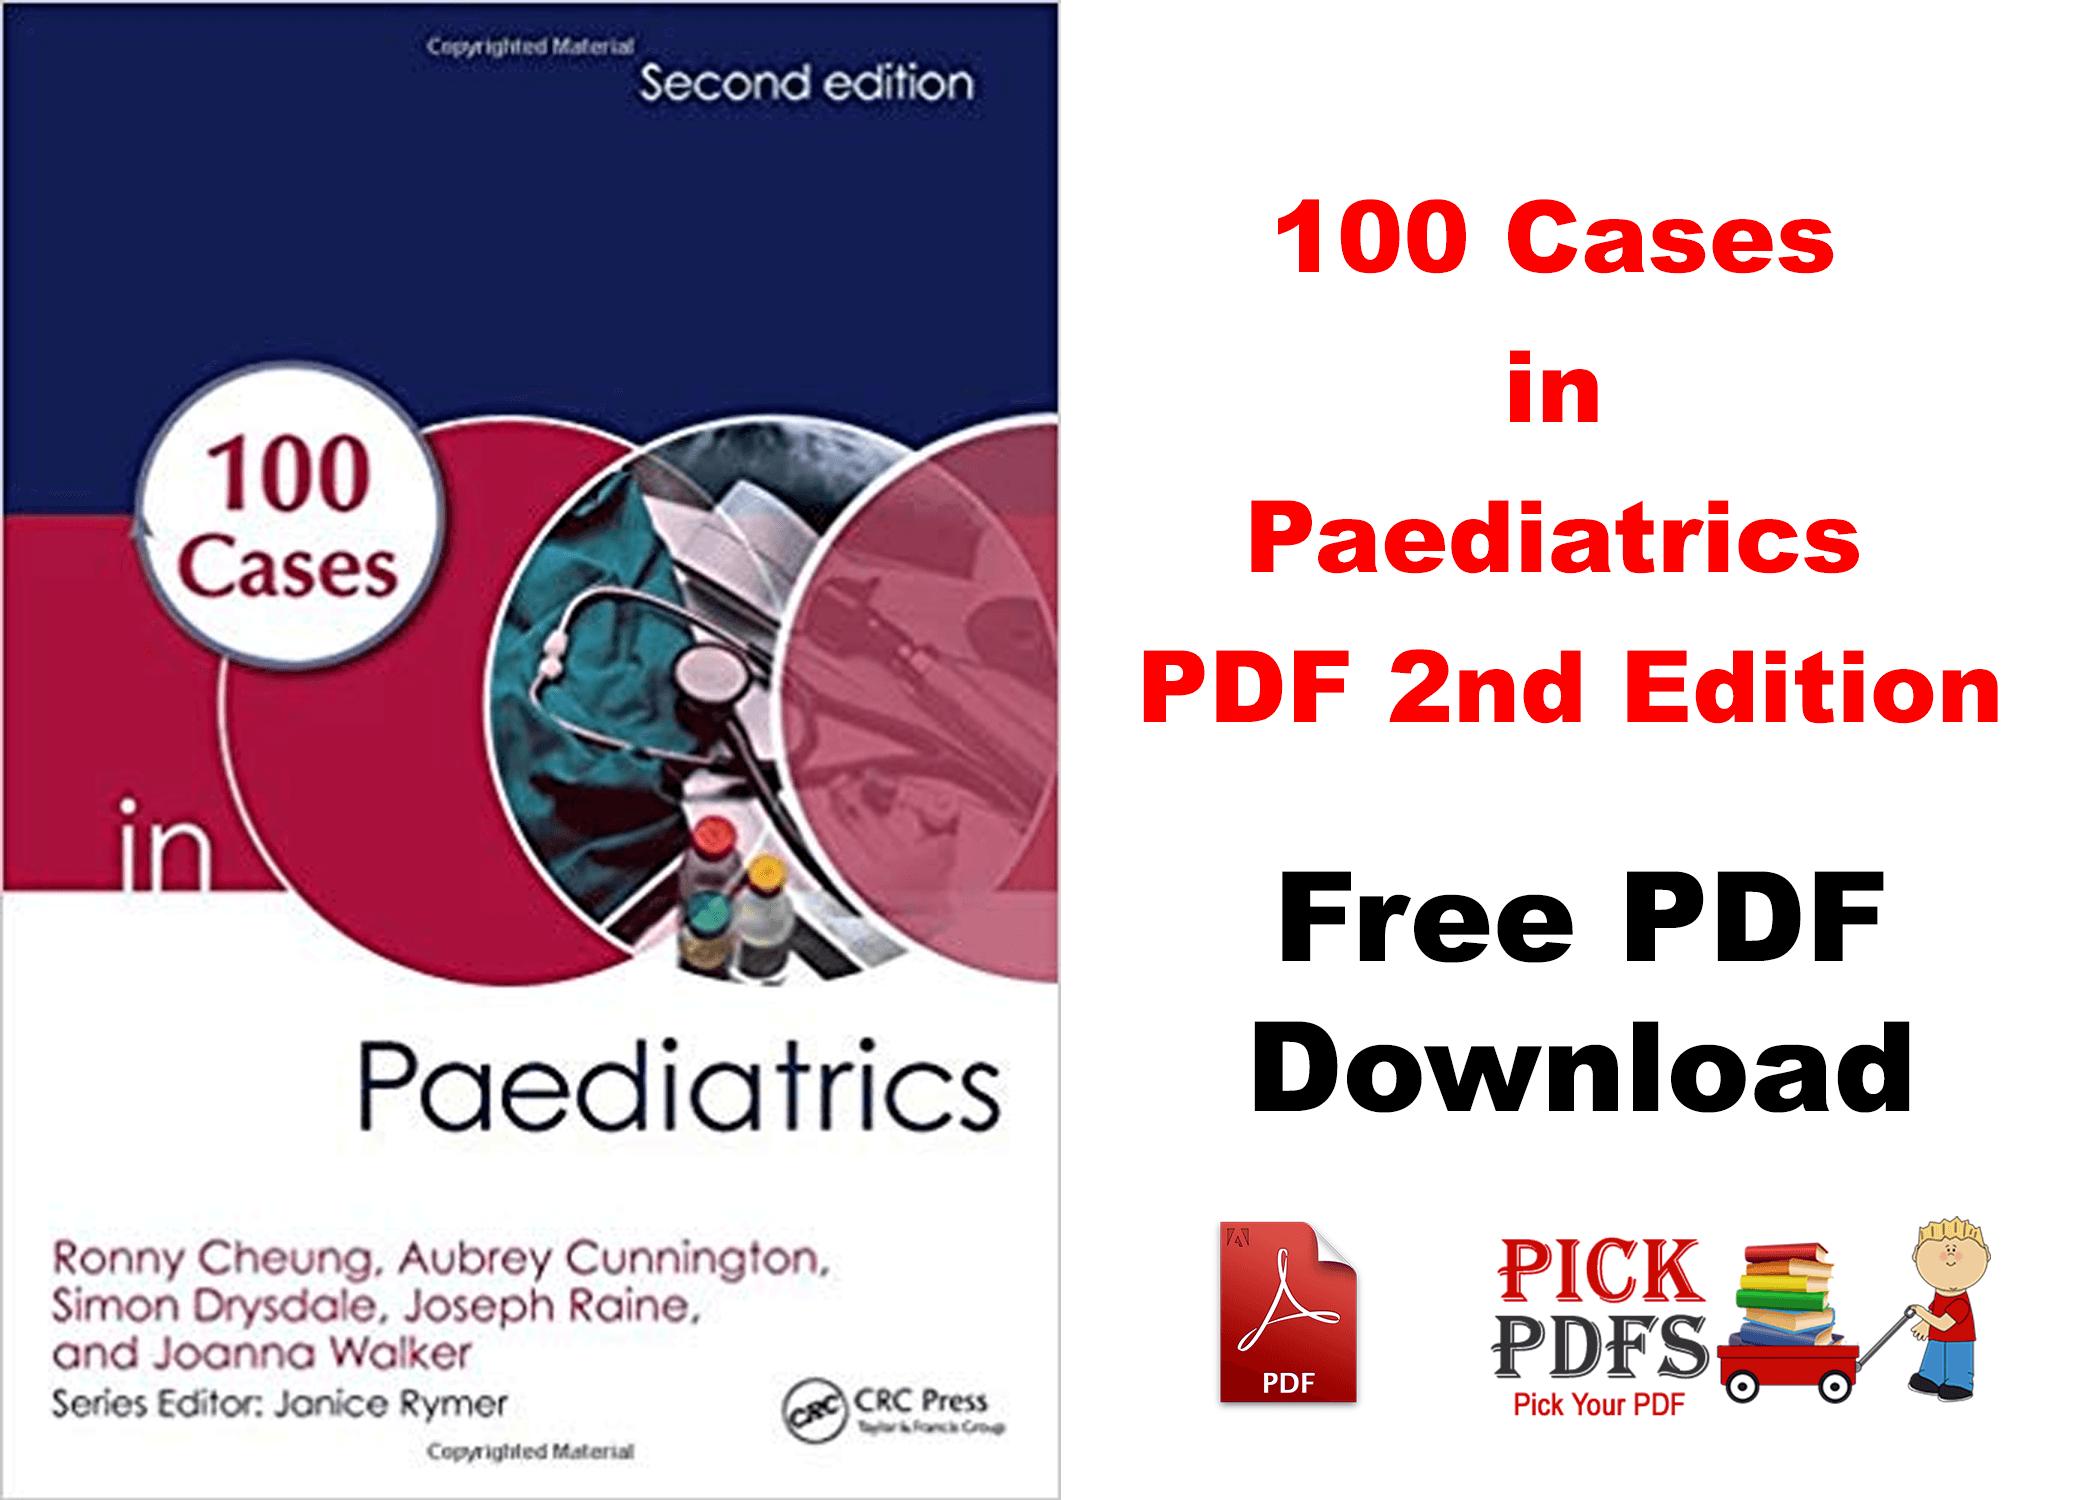 https://pickpdfs.com/pediatrics/